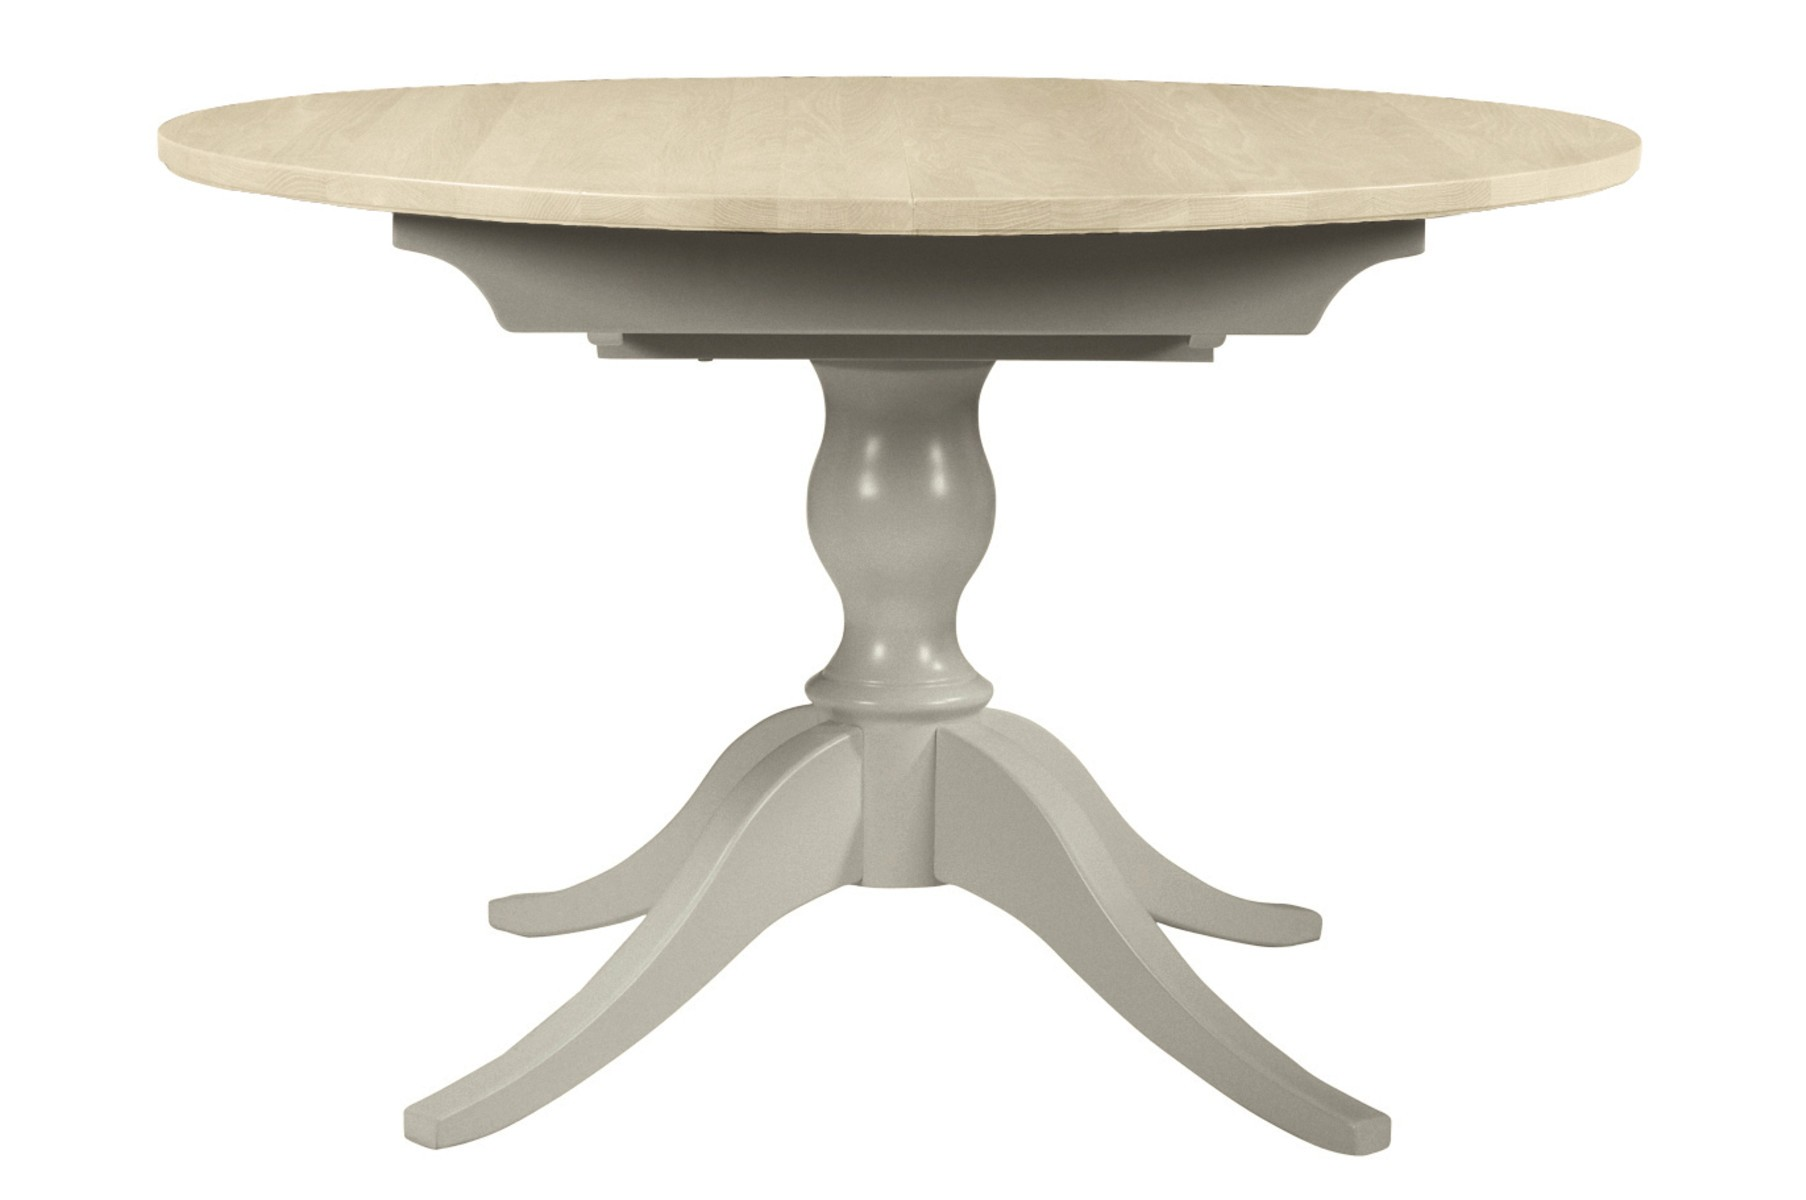 Mesas redondas comedor extensibles top mesa de comedor extensible circular with mesas redondas - Mesas de comedor extensibles redondas ...